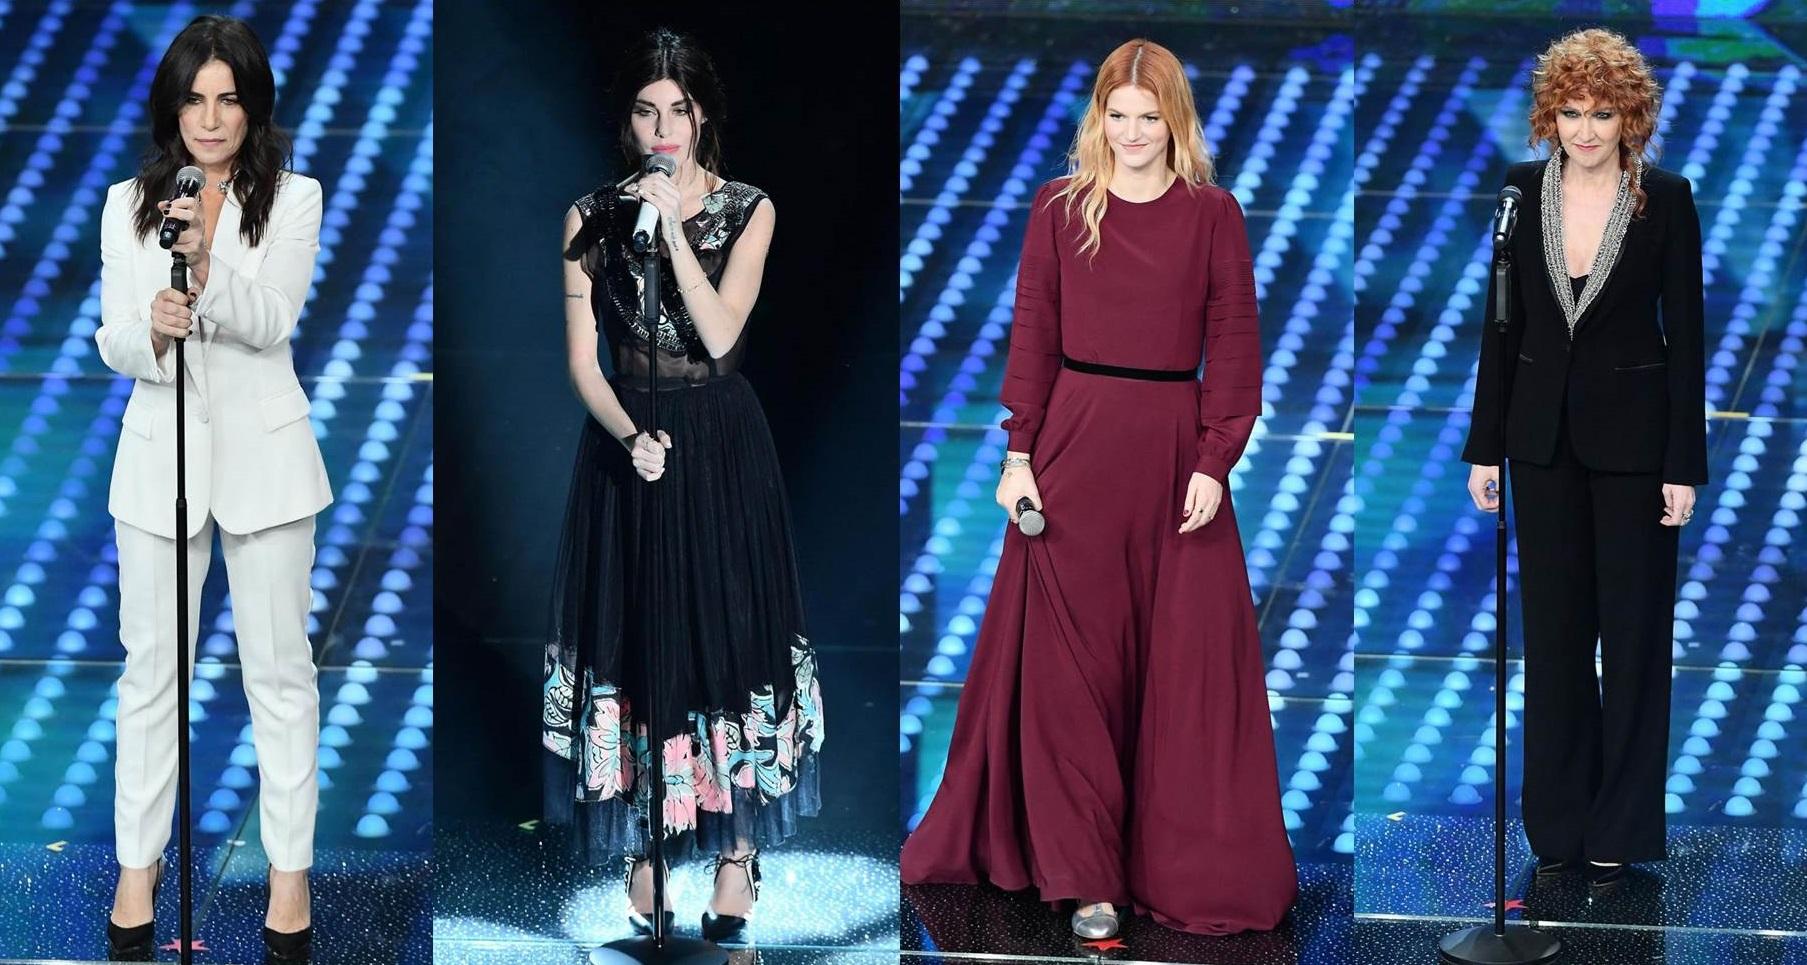 Le cantanti a Sanremo 2017